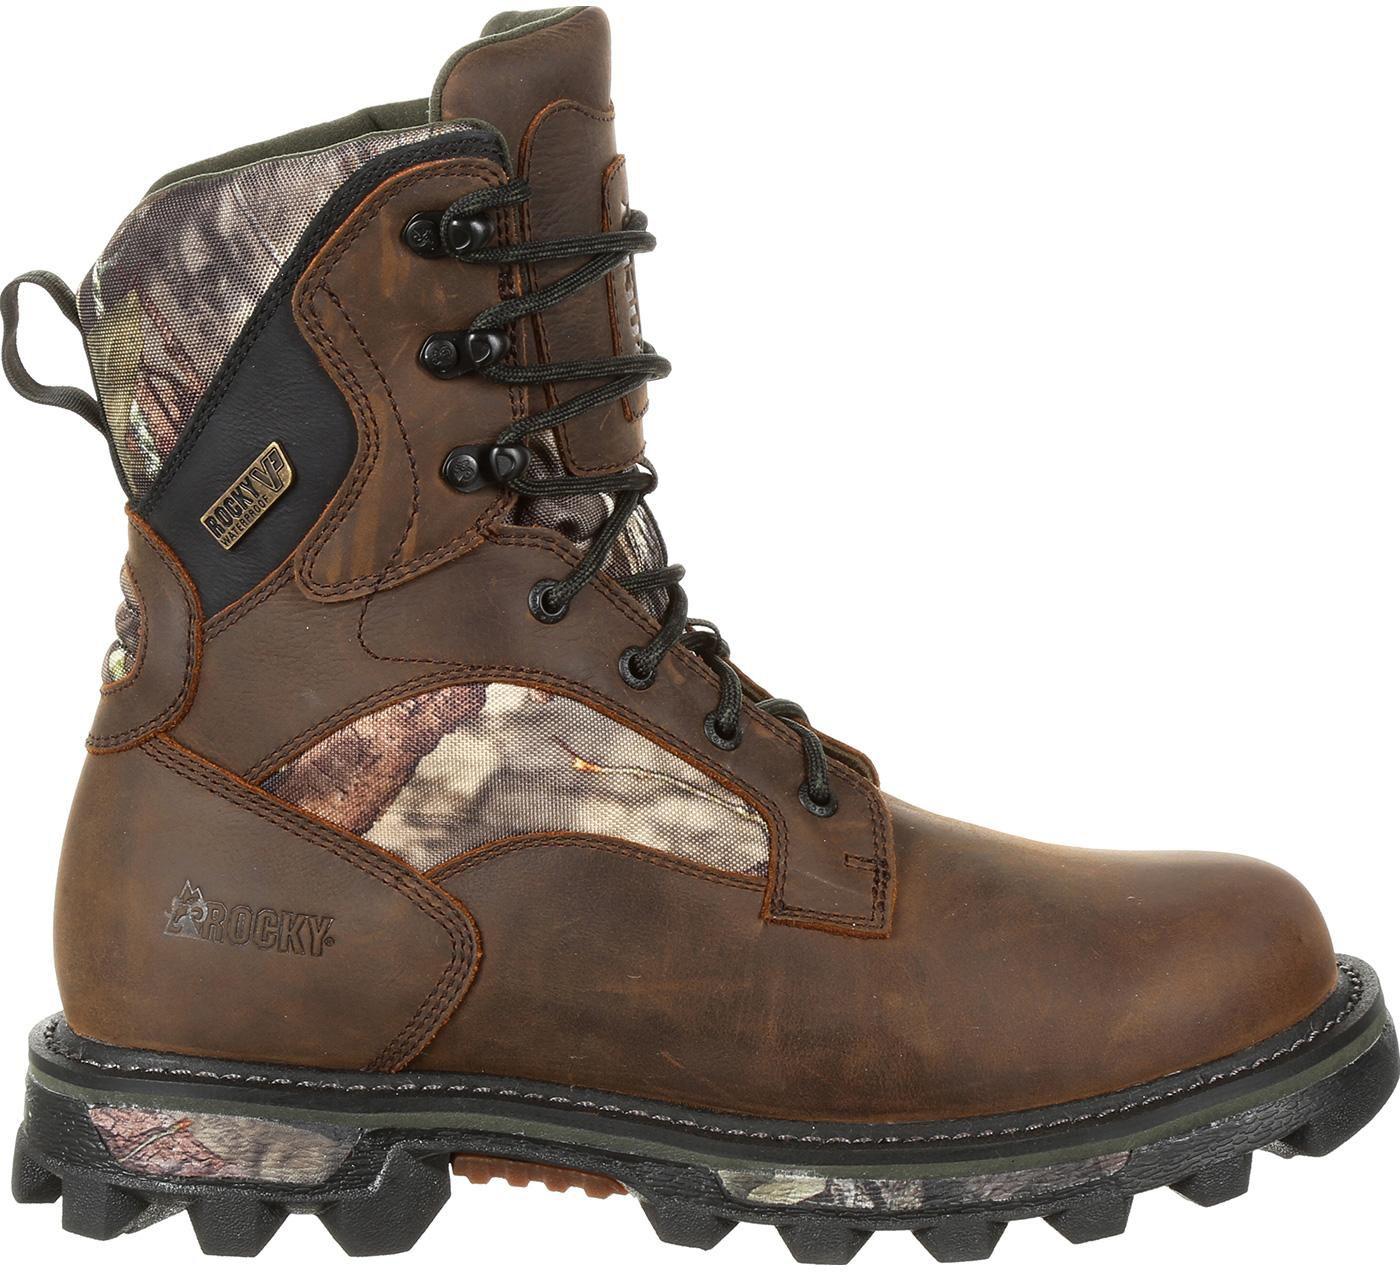 Rocky Men's Bearclaw FX 800g Waterproof Field Hunting Boots